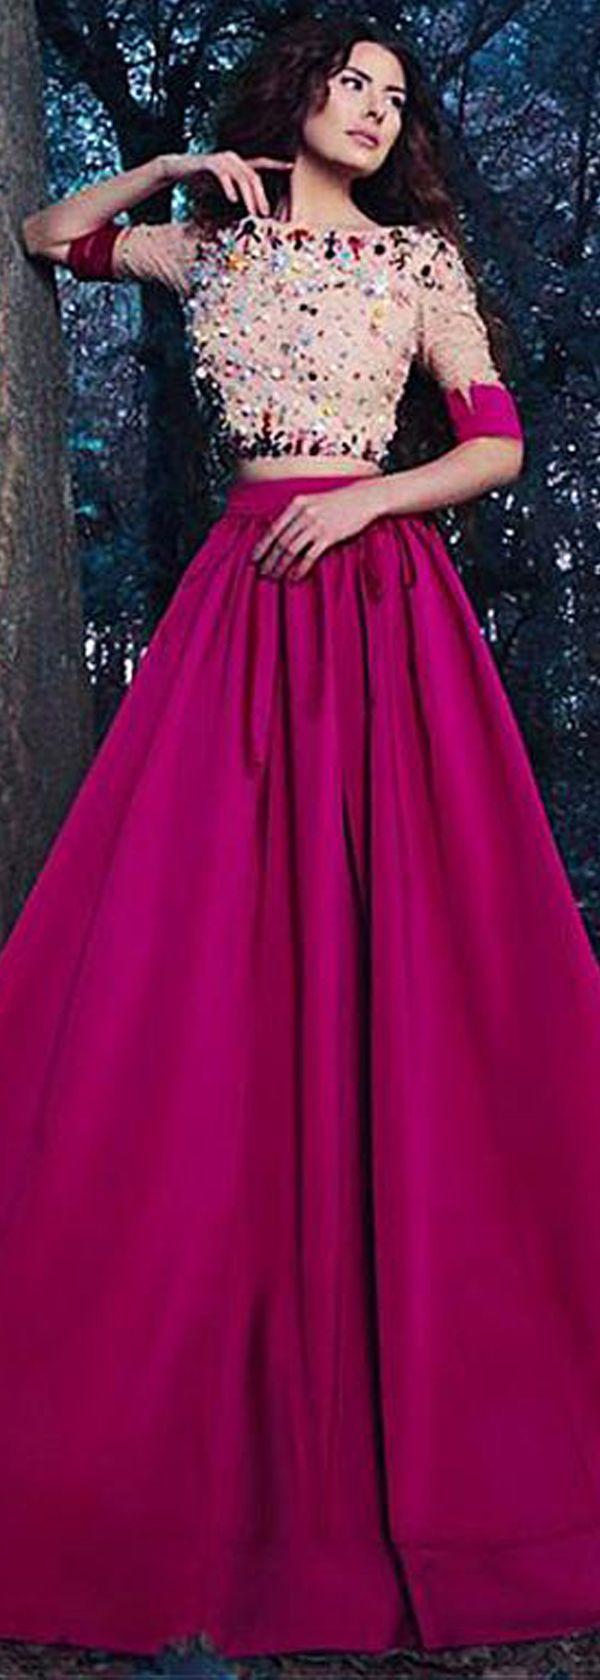 Bonito Puertas Dh Vestidos Prom Friso - Vestido de Novia Para Las ...